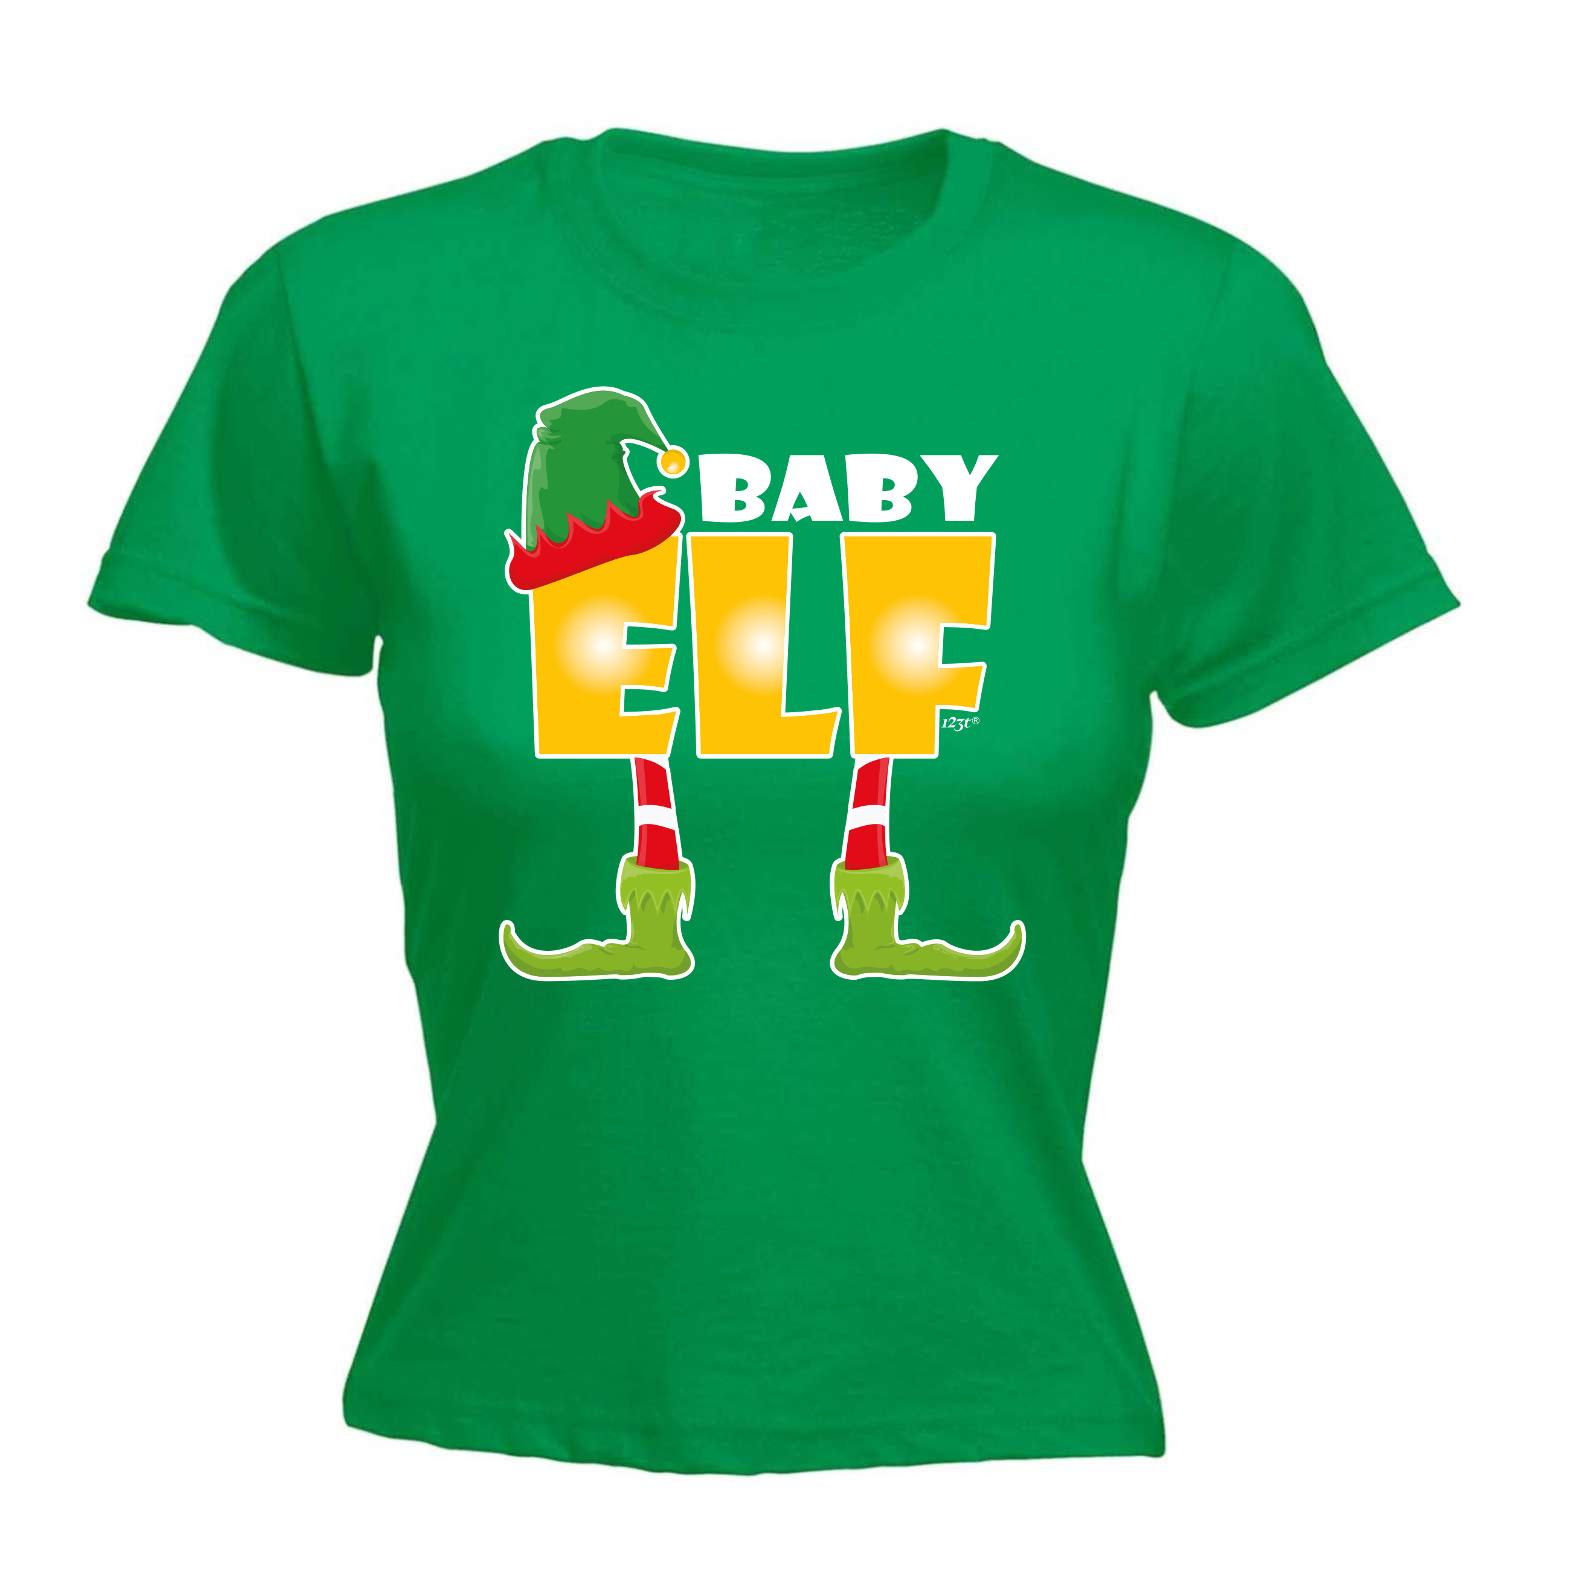 Womens Funny T Shirt Baby Elf Birthday Joke Humour Tee